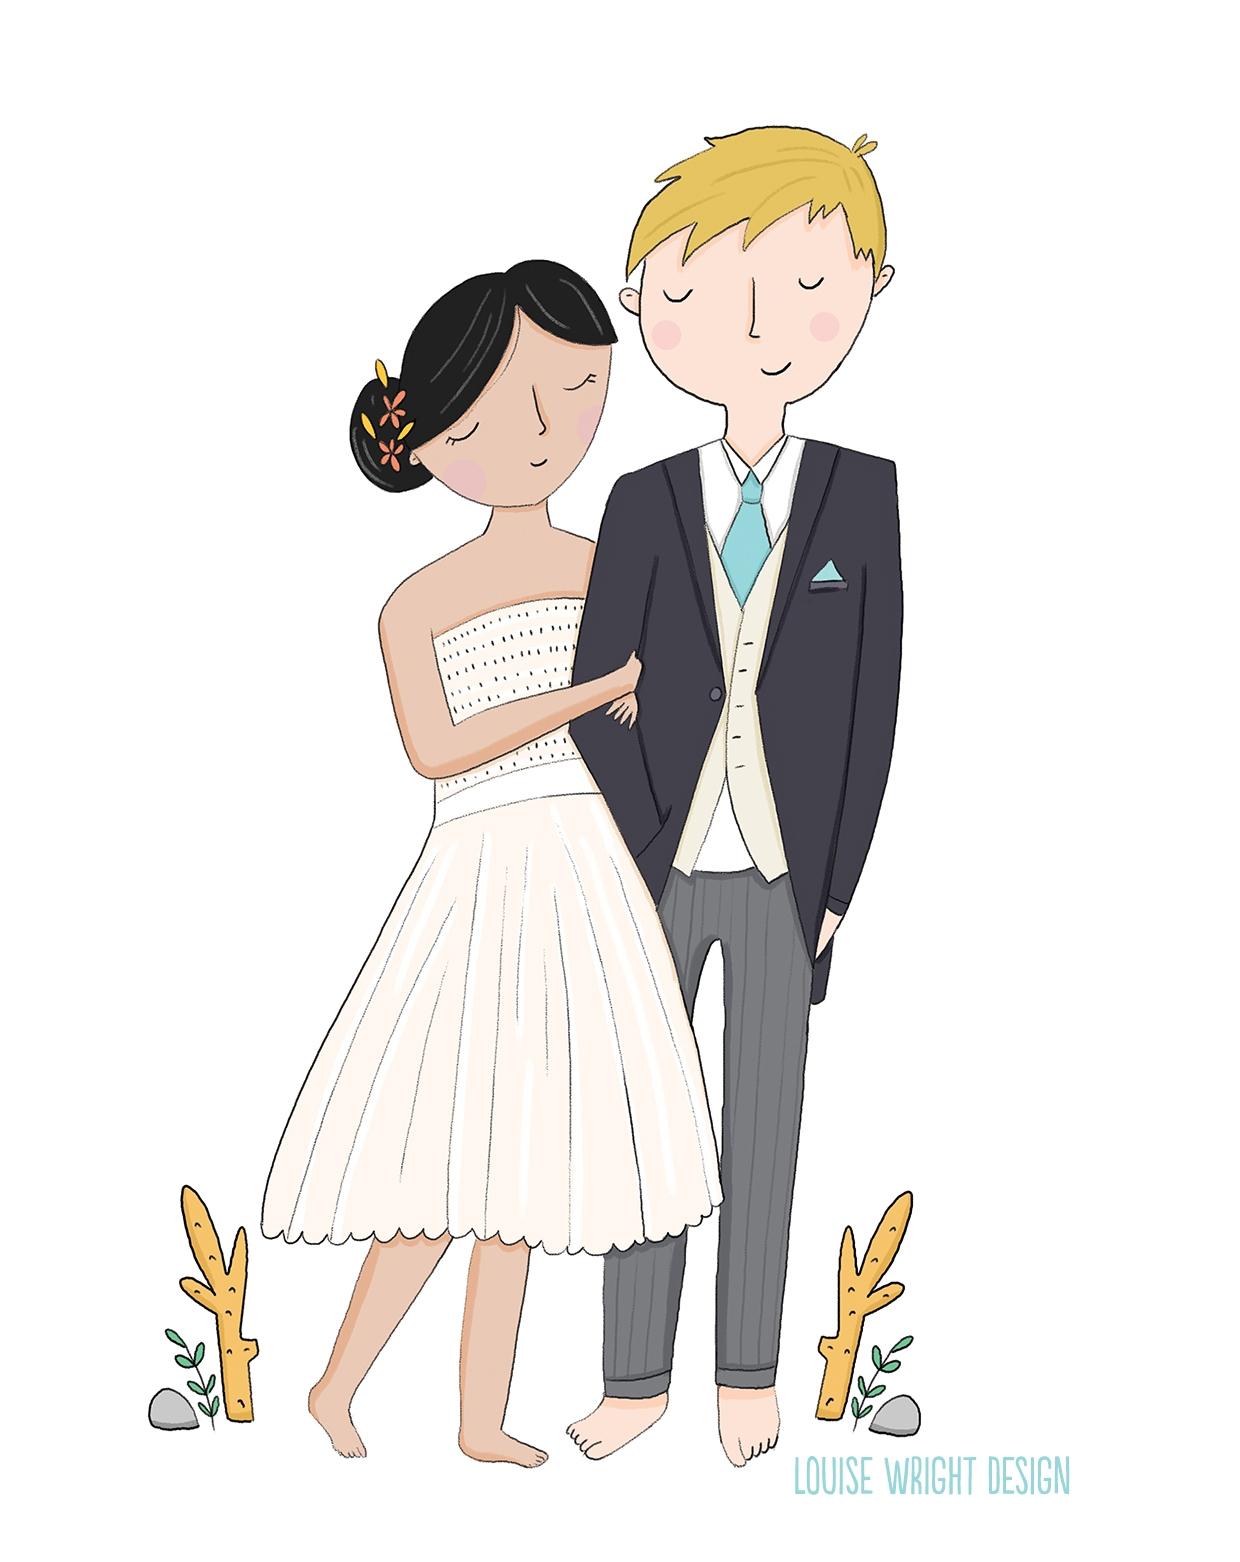 Louise Wright Illustration wedding cake